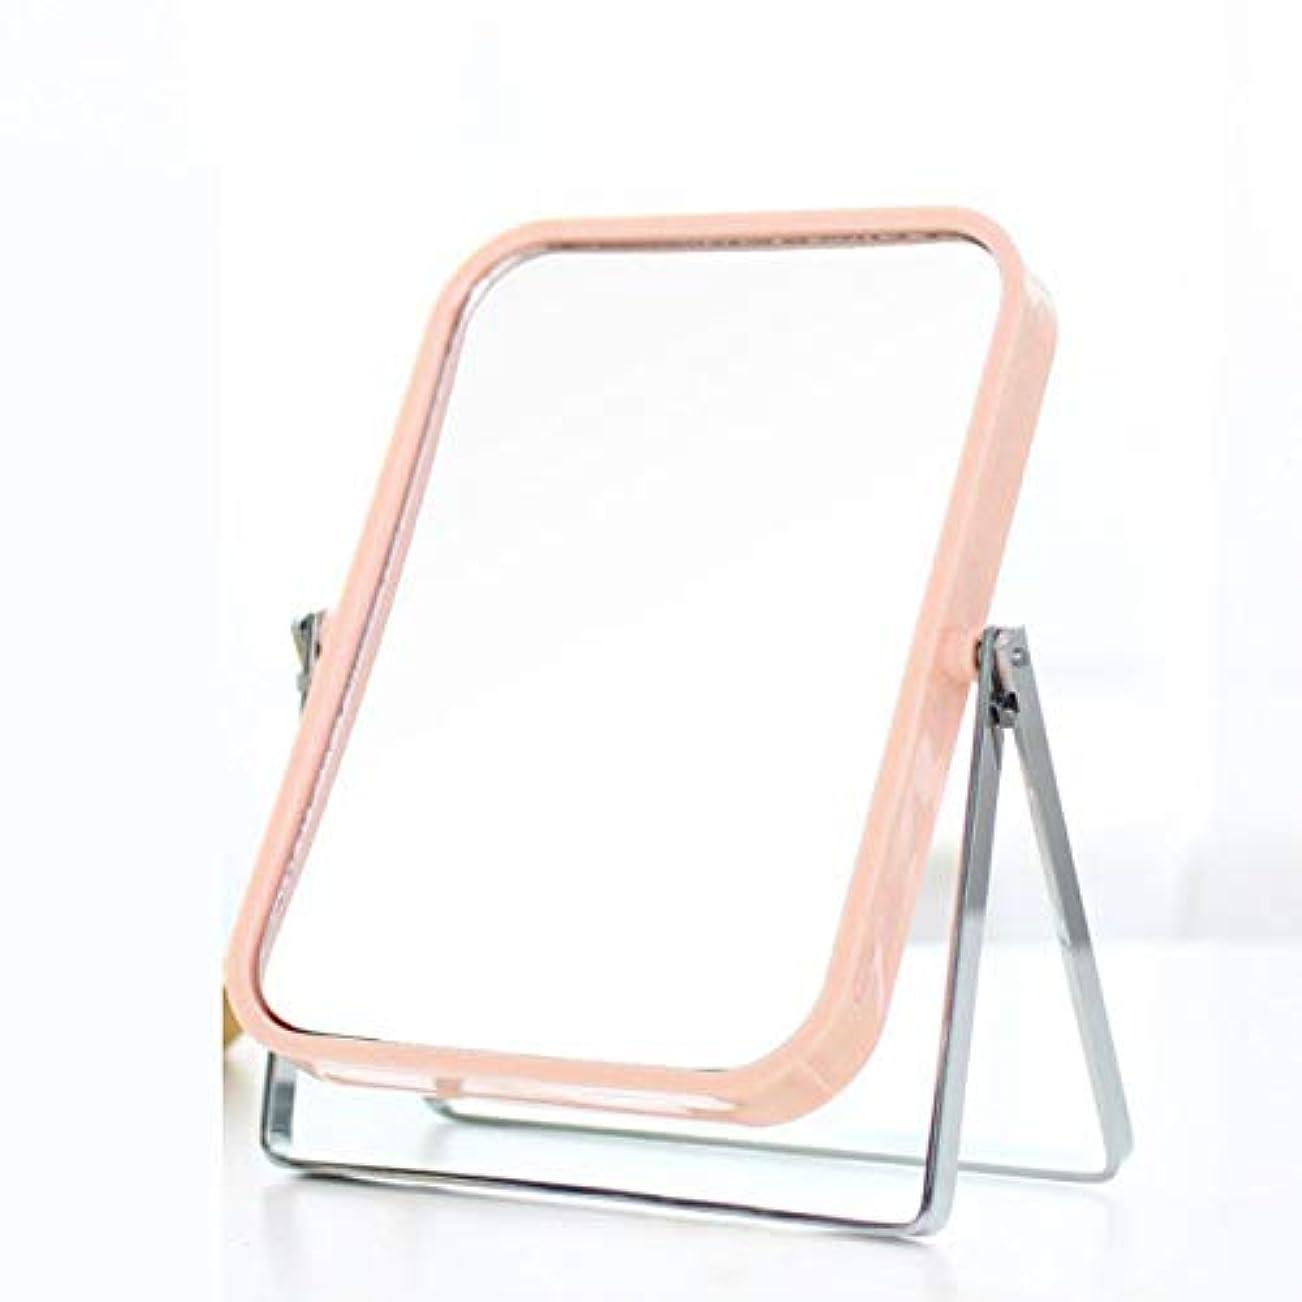 お茶鬼ごっこ制限する化粧鏡、シンプルな長方形の両面化粧鏡の化粧ギフト (Color : ピンク)